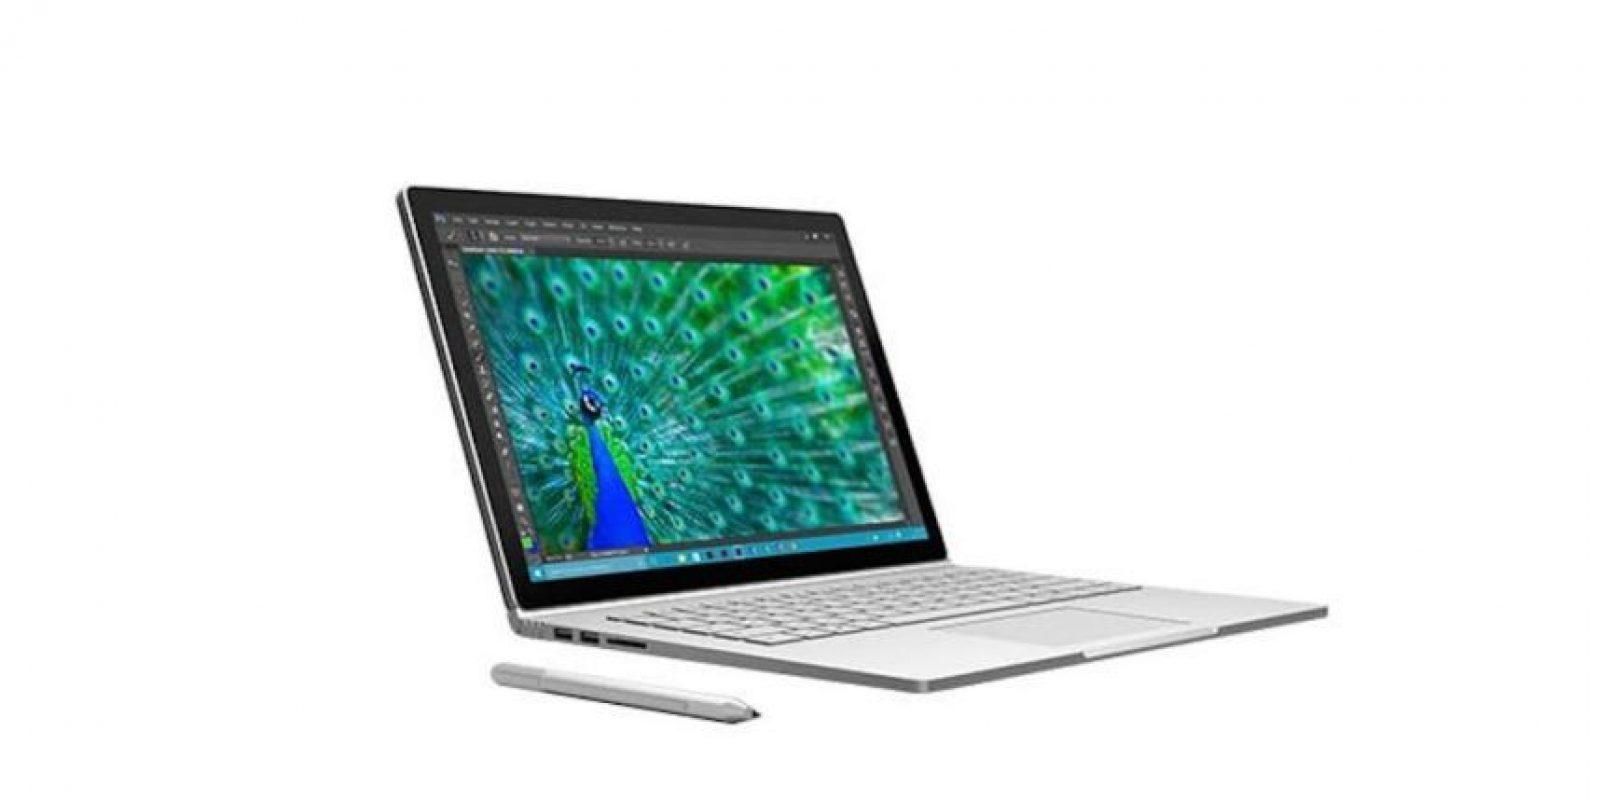 La nueva Surface Book de Microsoft tiene 13.5 pulgadas de pantalla con tecnología PixelSense (reconocimiento de los objetos que tocan la pantalla). Cabe señalar que también puede usarse el Surface Pen, la pluma virtual oficial para Windows. Foto:Microsoft